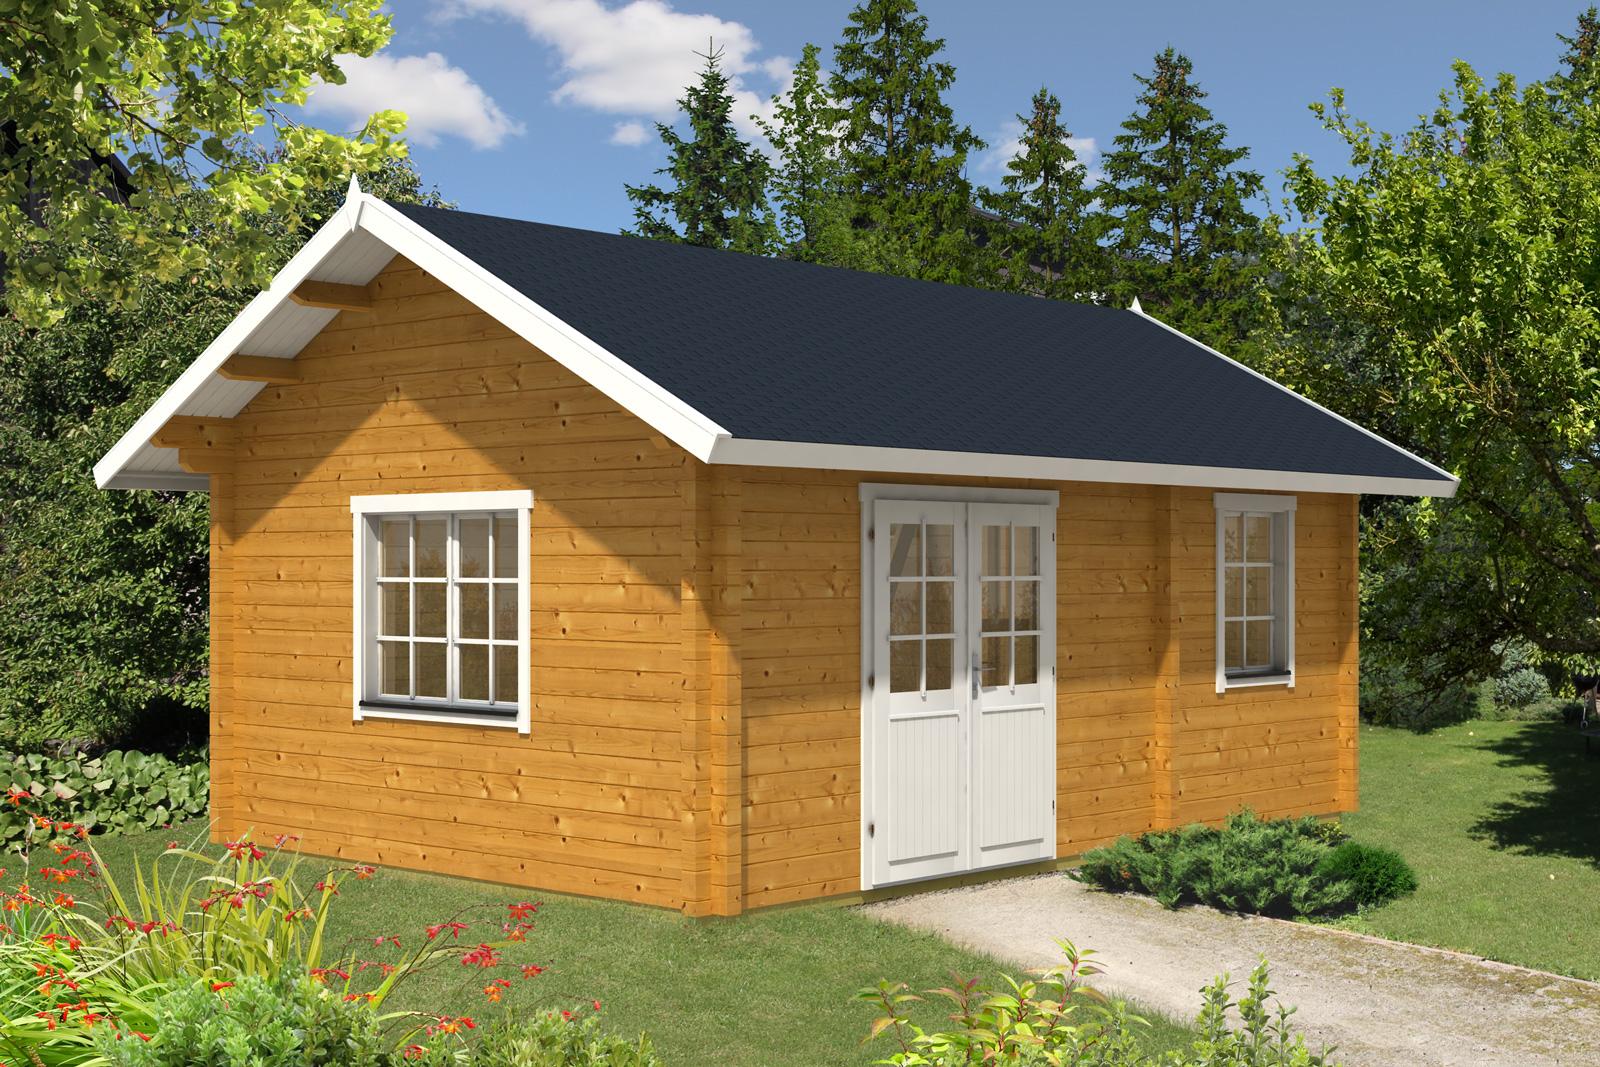 gartenhaus mit satteldach aus holz jetzt bis zu 50. Black Bedroom Furniture Sets. Home Design Ideas